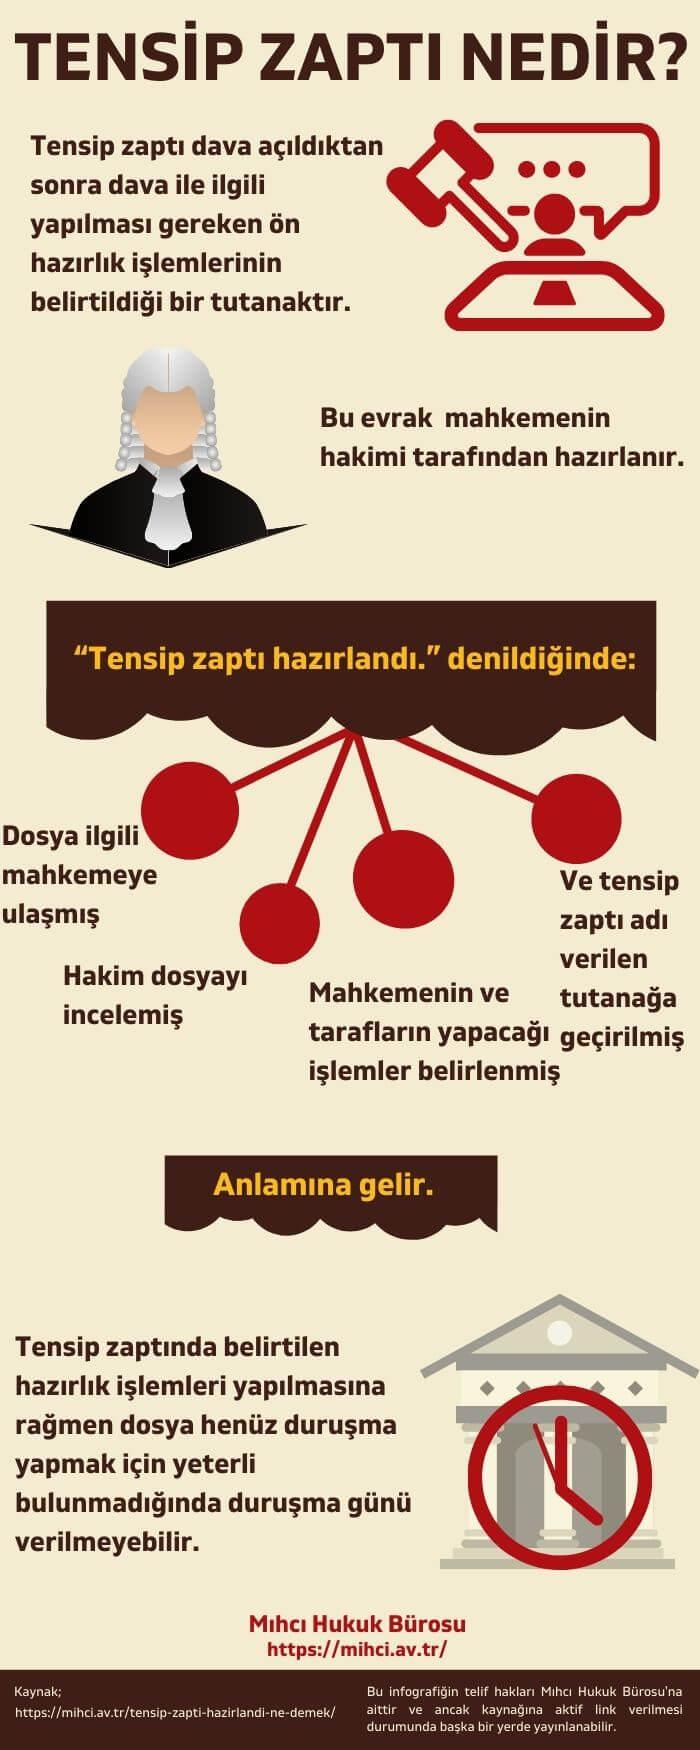 tensip zaptı nedir infografik